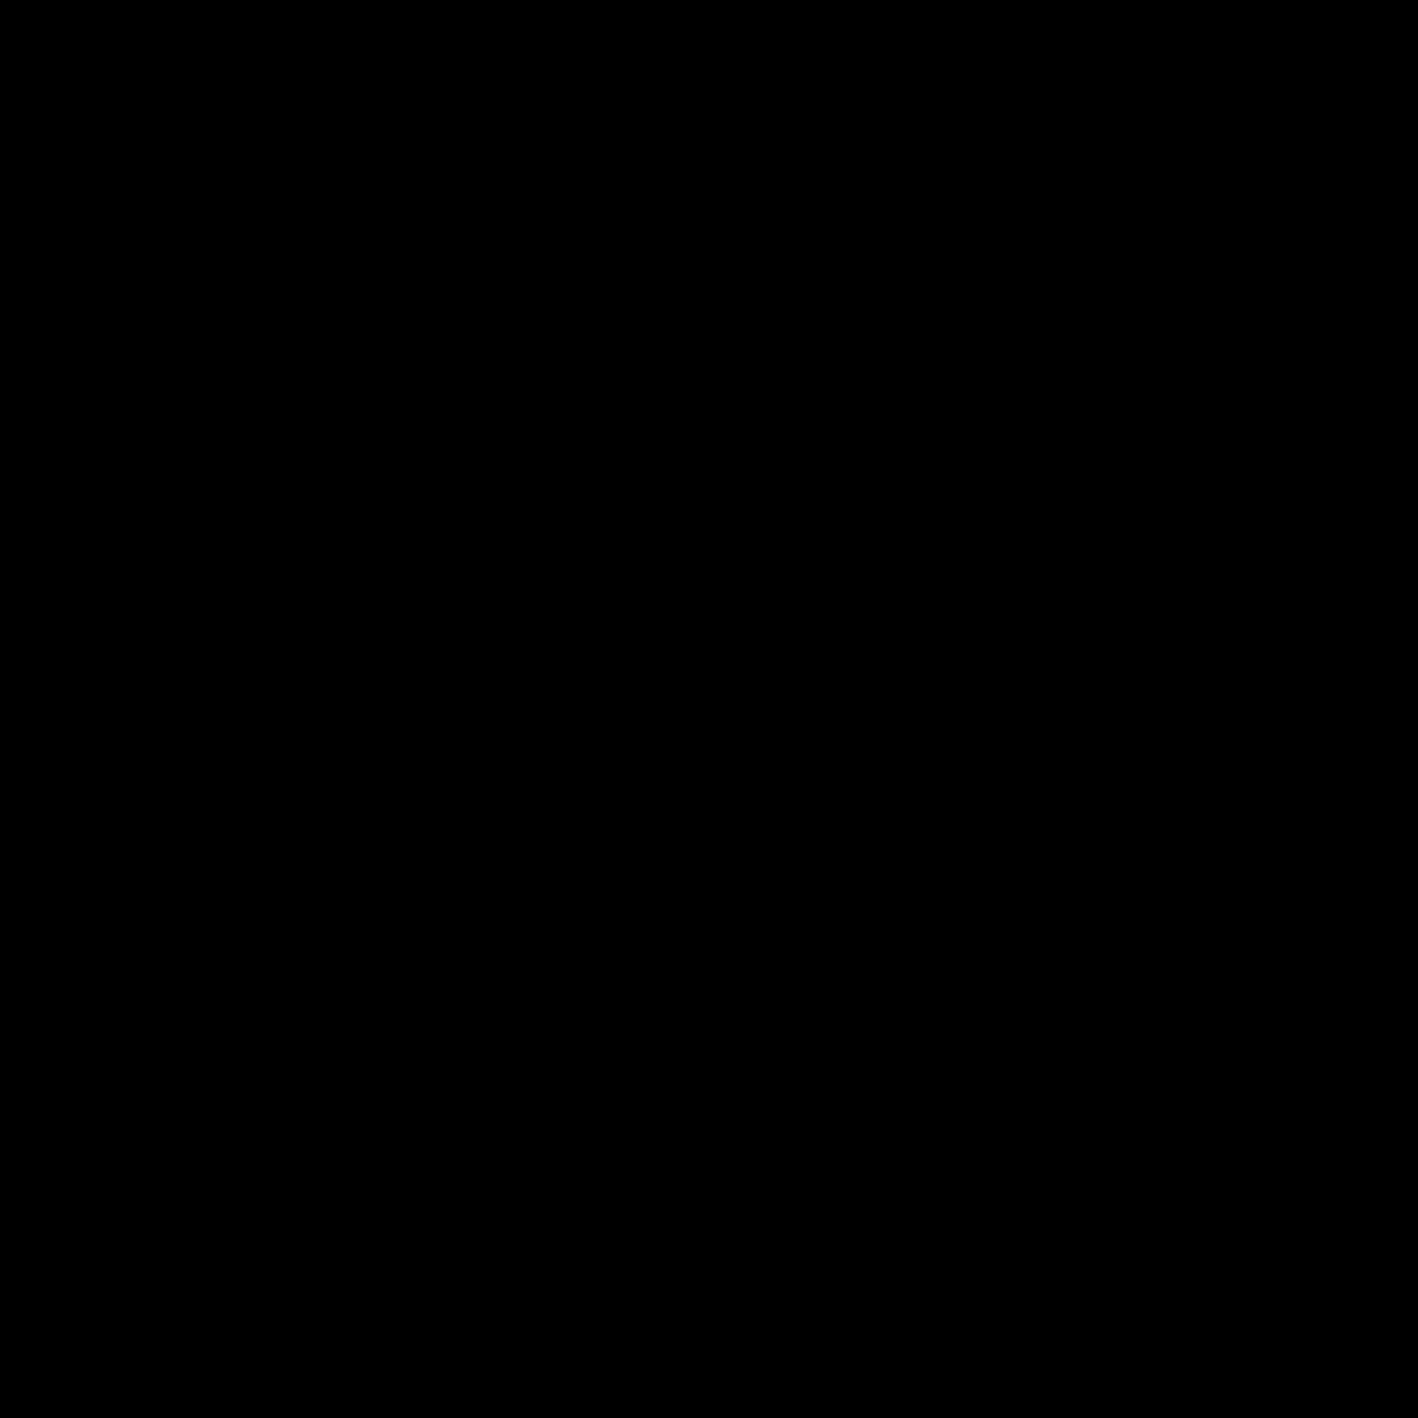 demo-attachment-69-circle